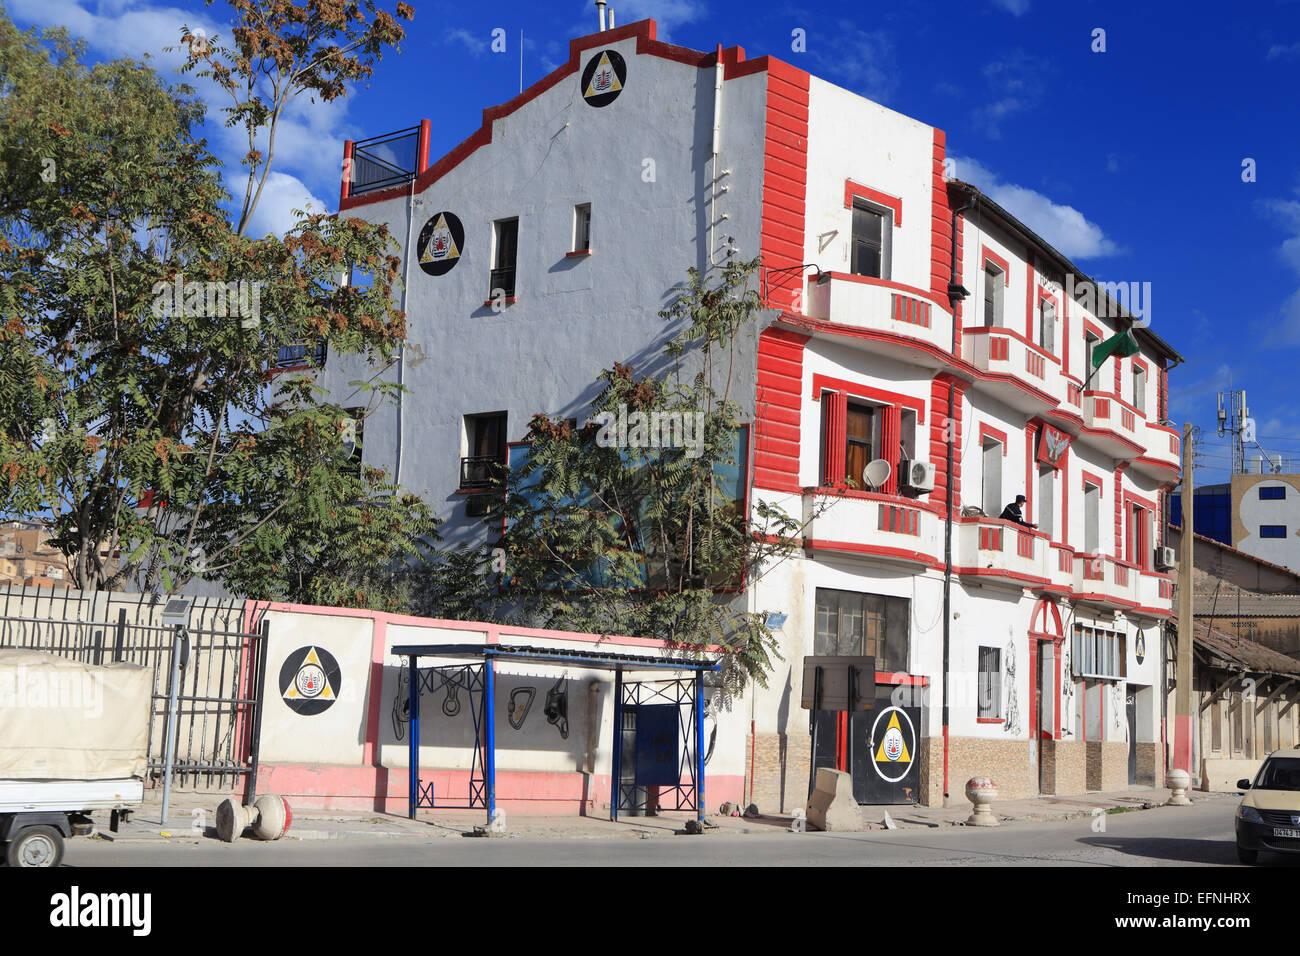 Centro de la ciudad, Constantina, Argelia Imagen De Stock